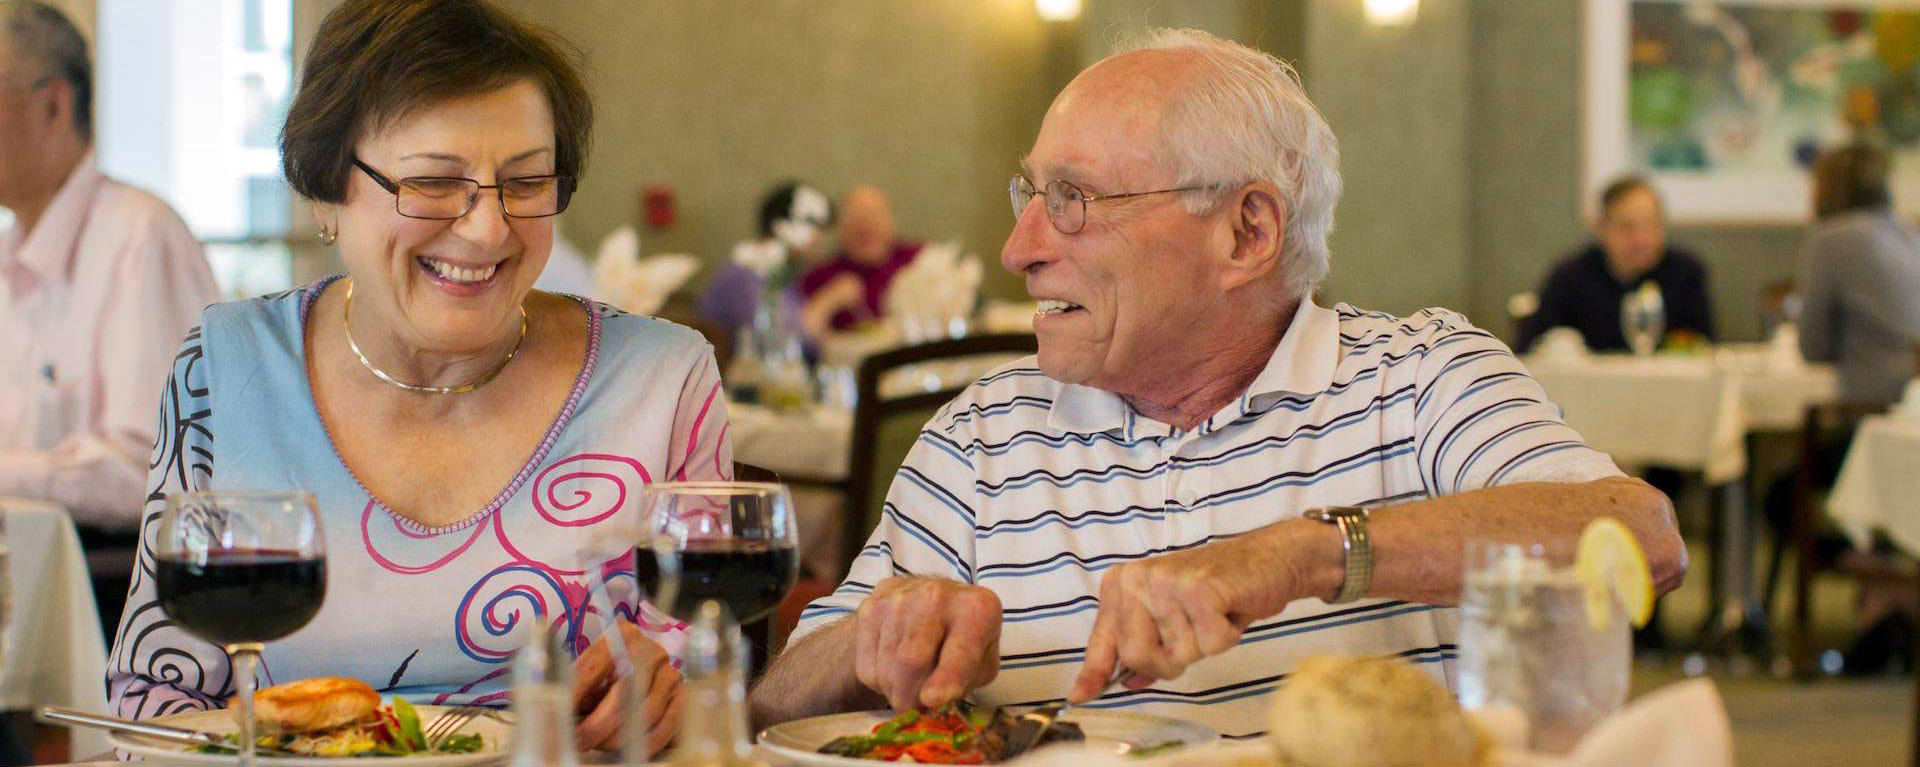 bg-image-couple-eating